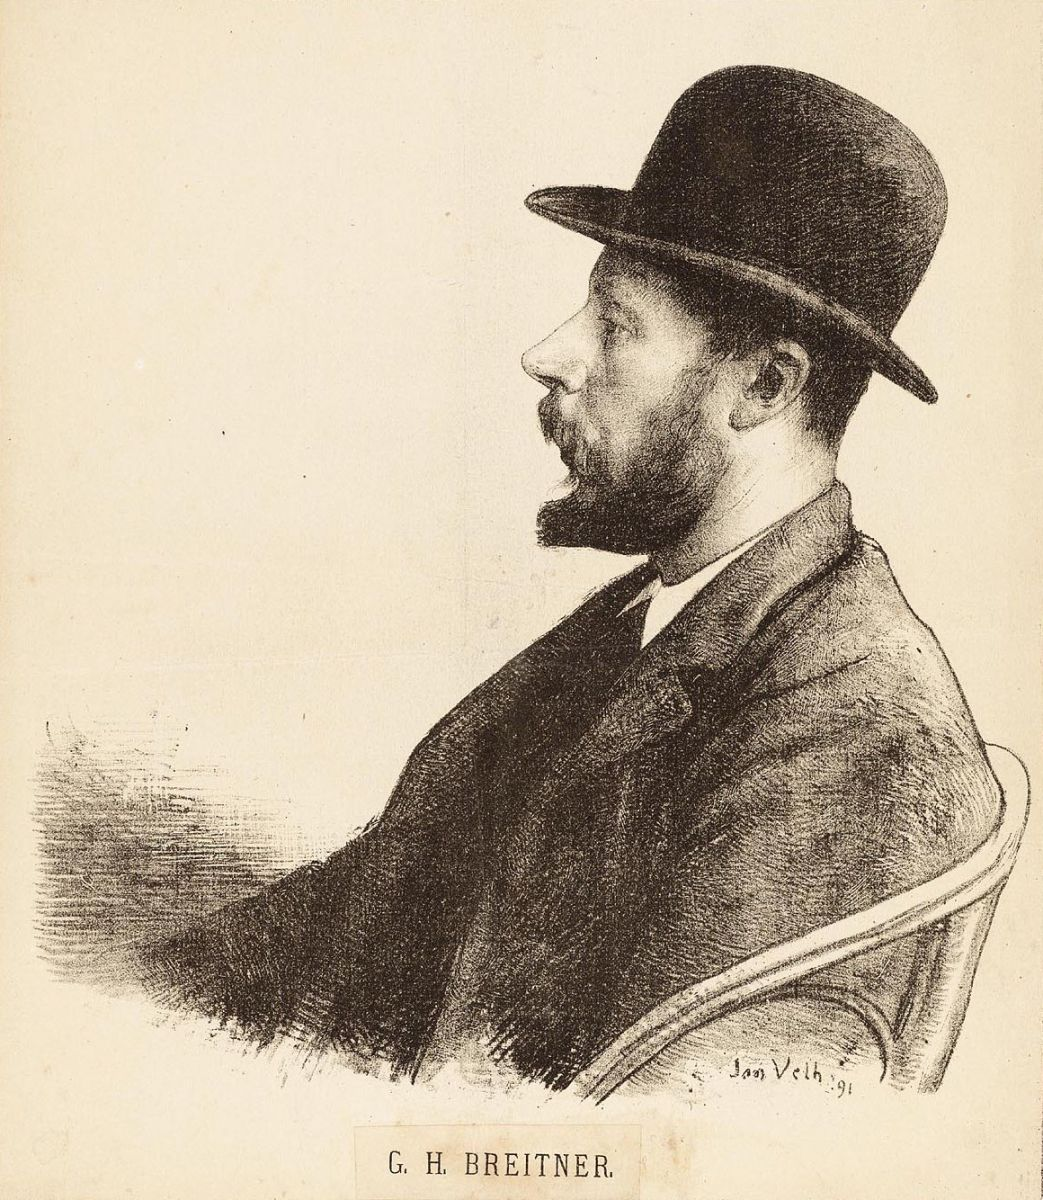 Jan Velh, George Hendrik Breitner [1891]